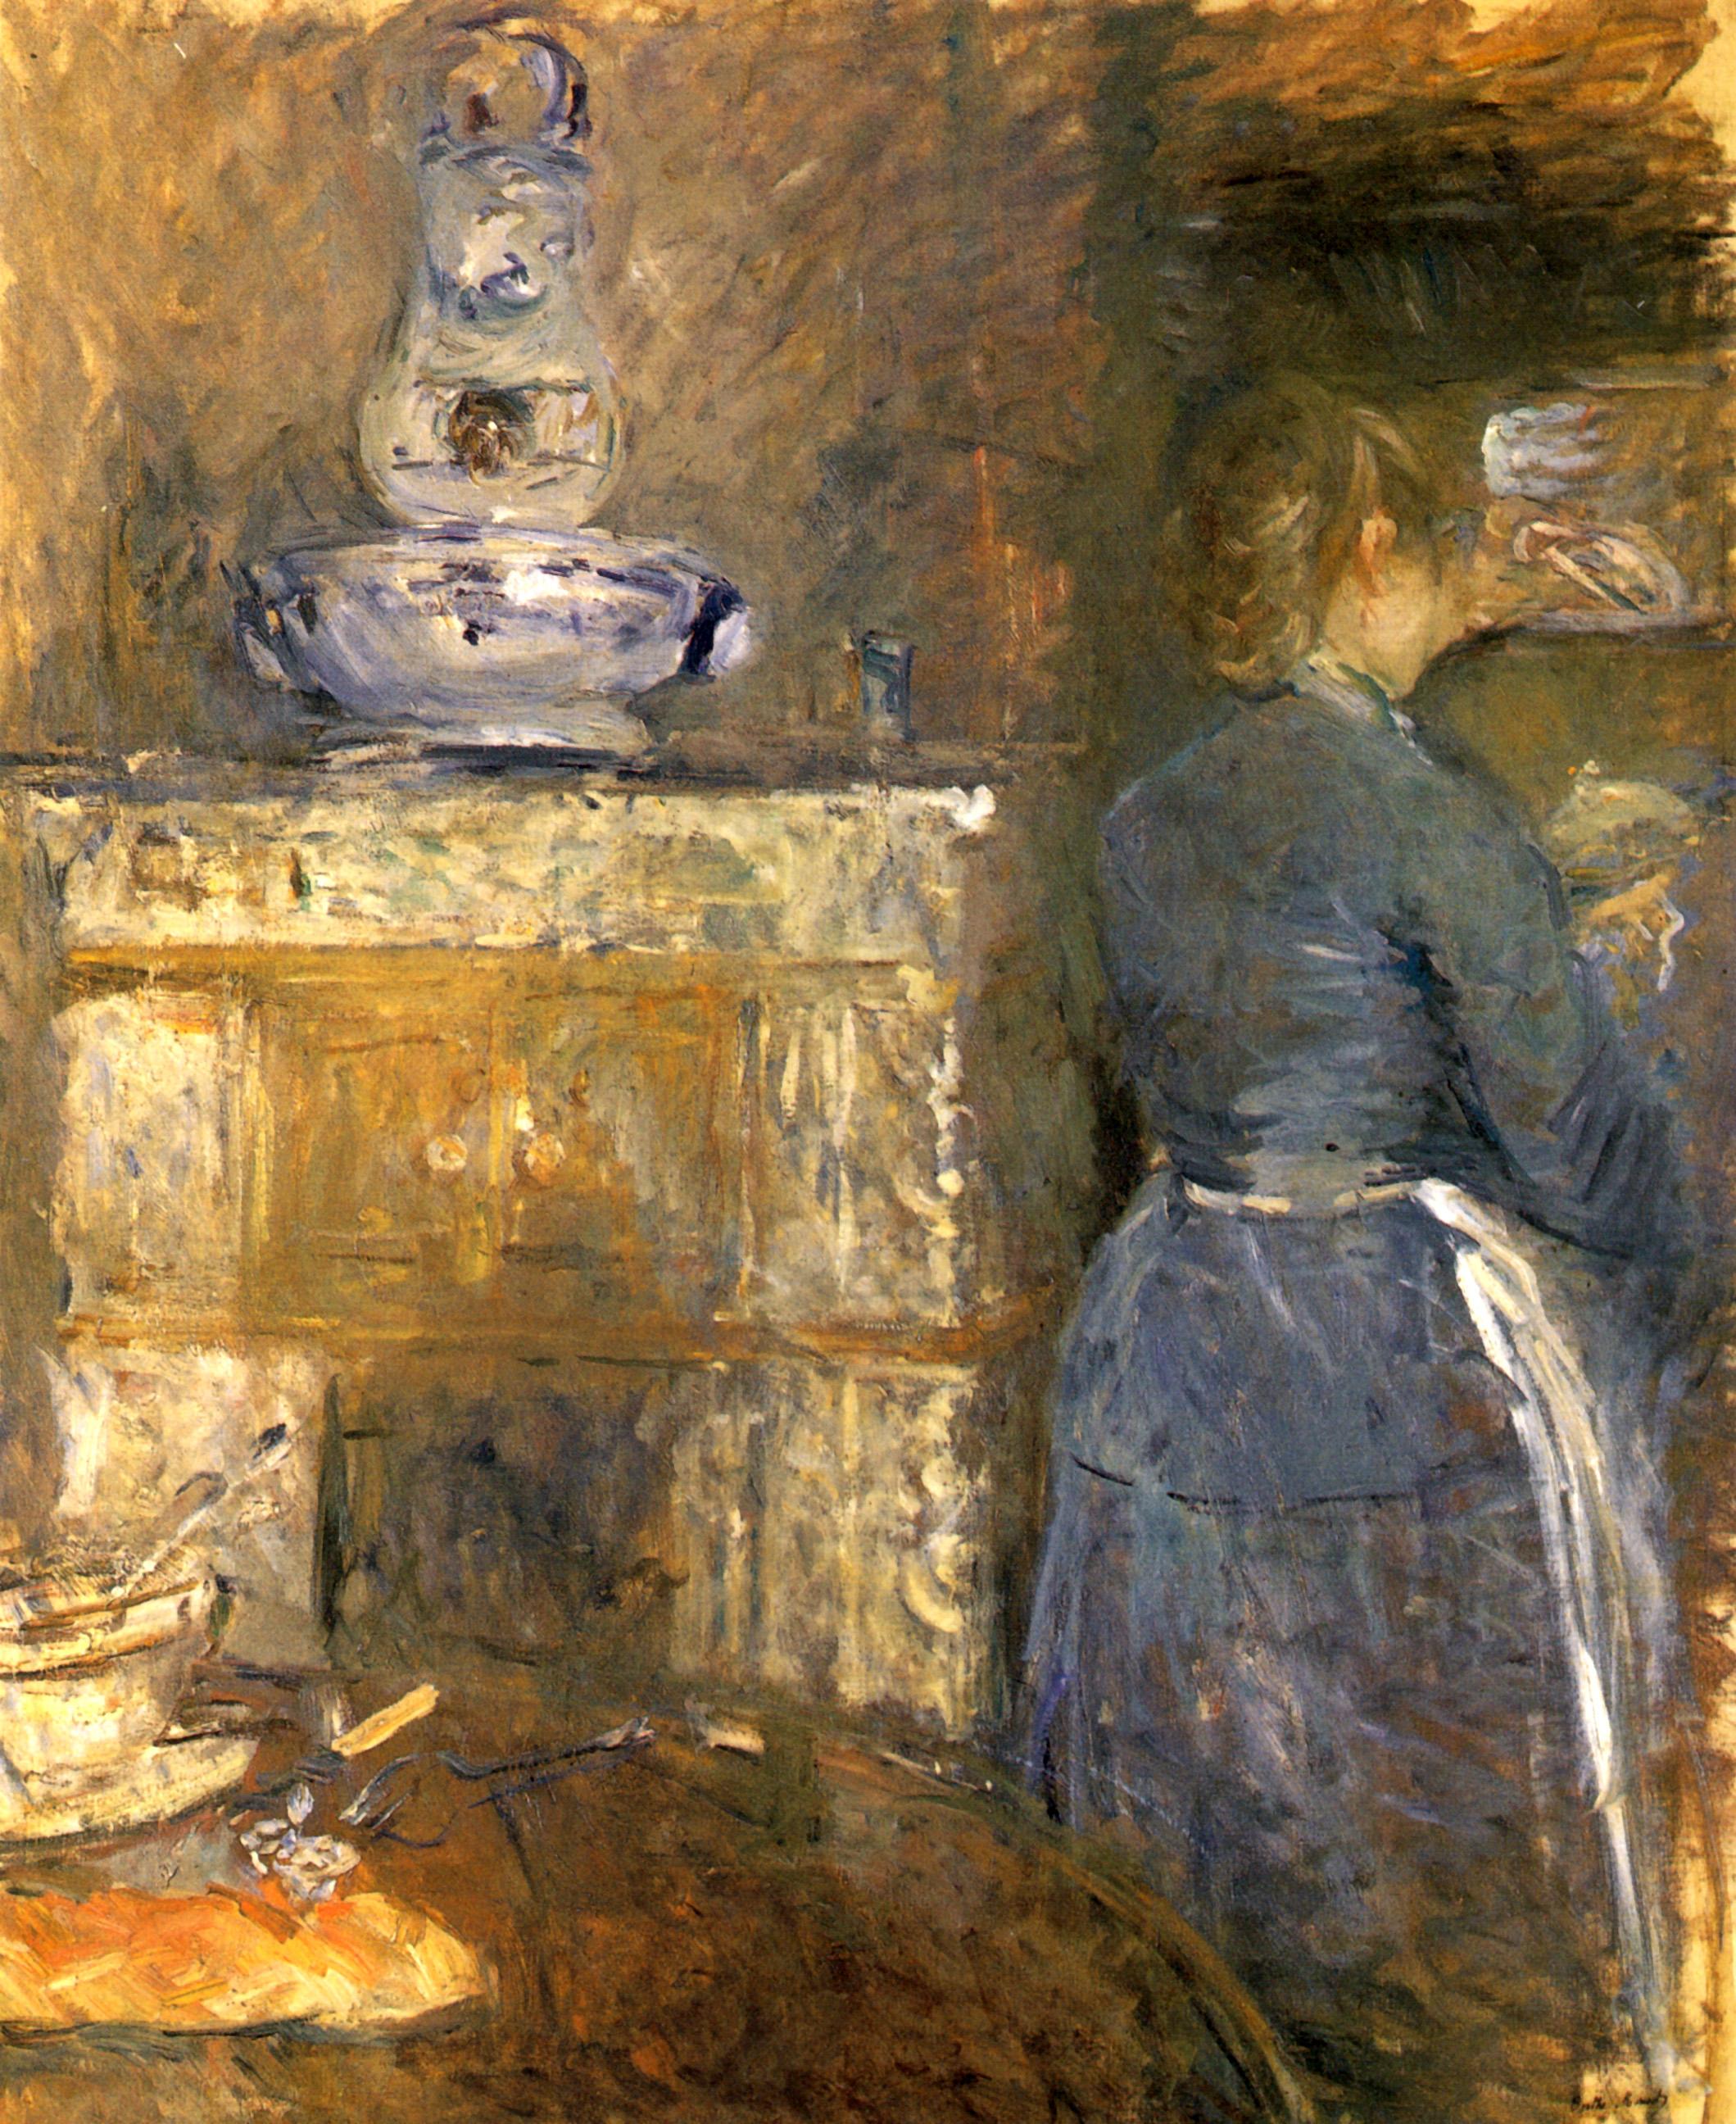 Amazoncom Berthe Morisot Hide and Seek  161 x 201